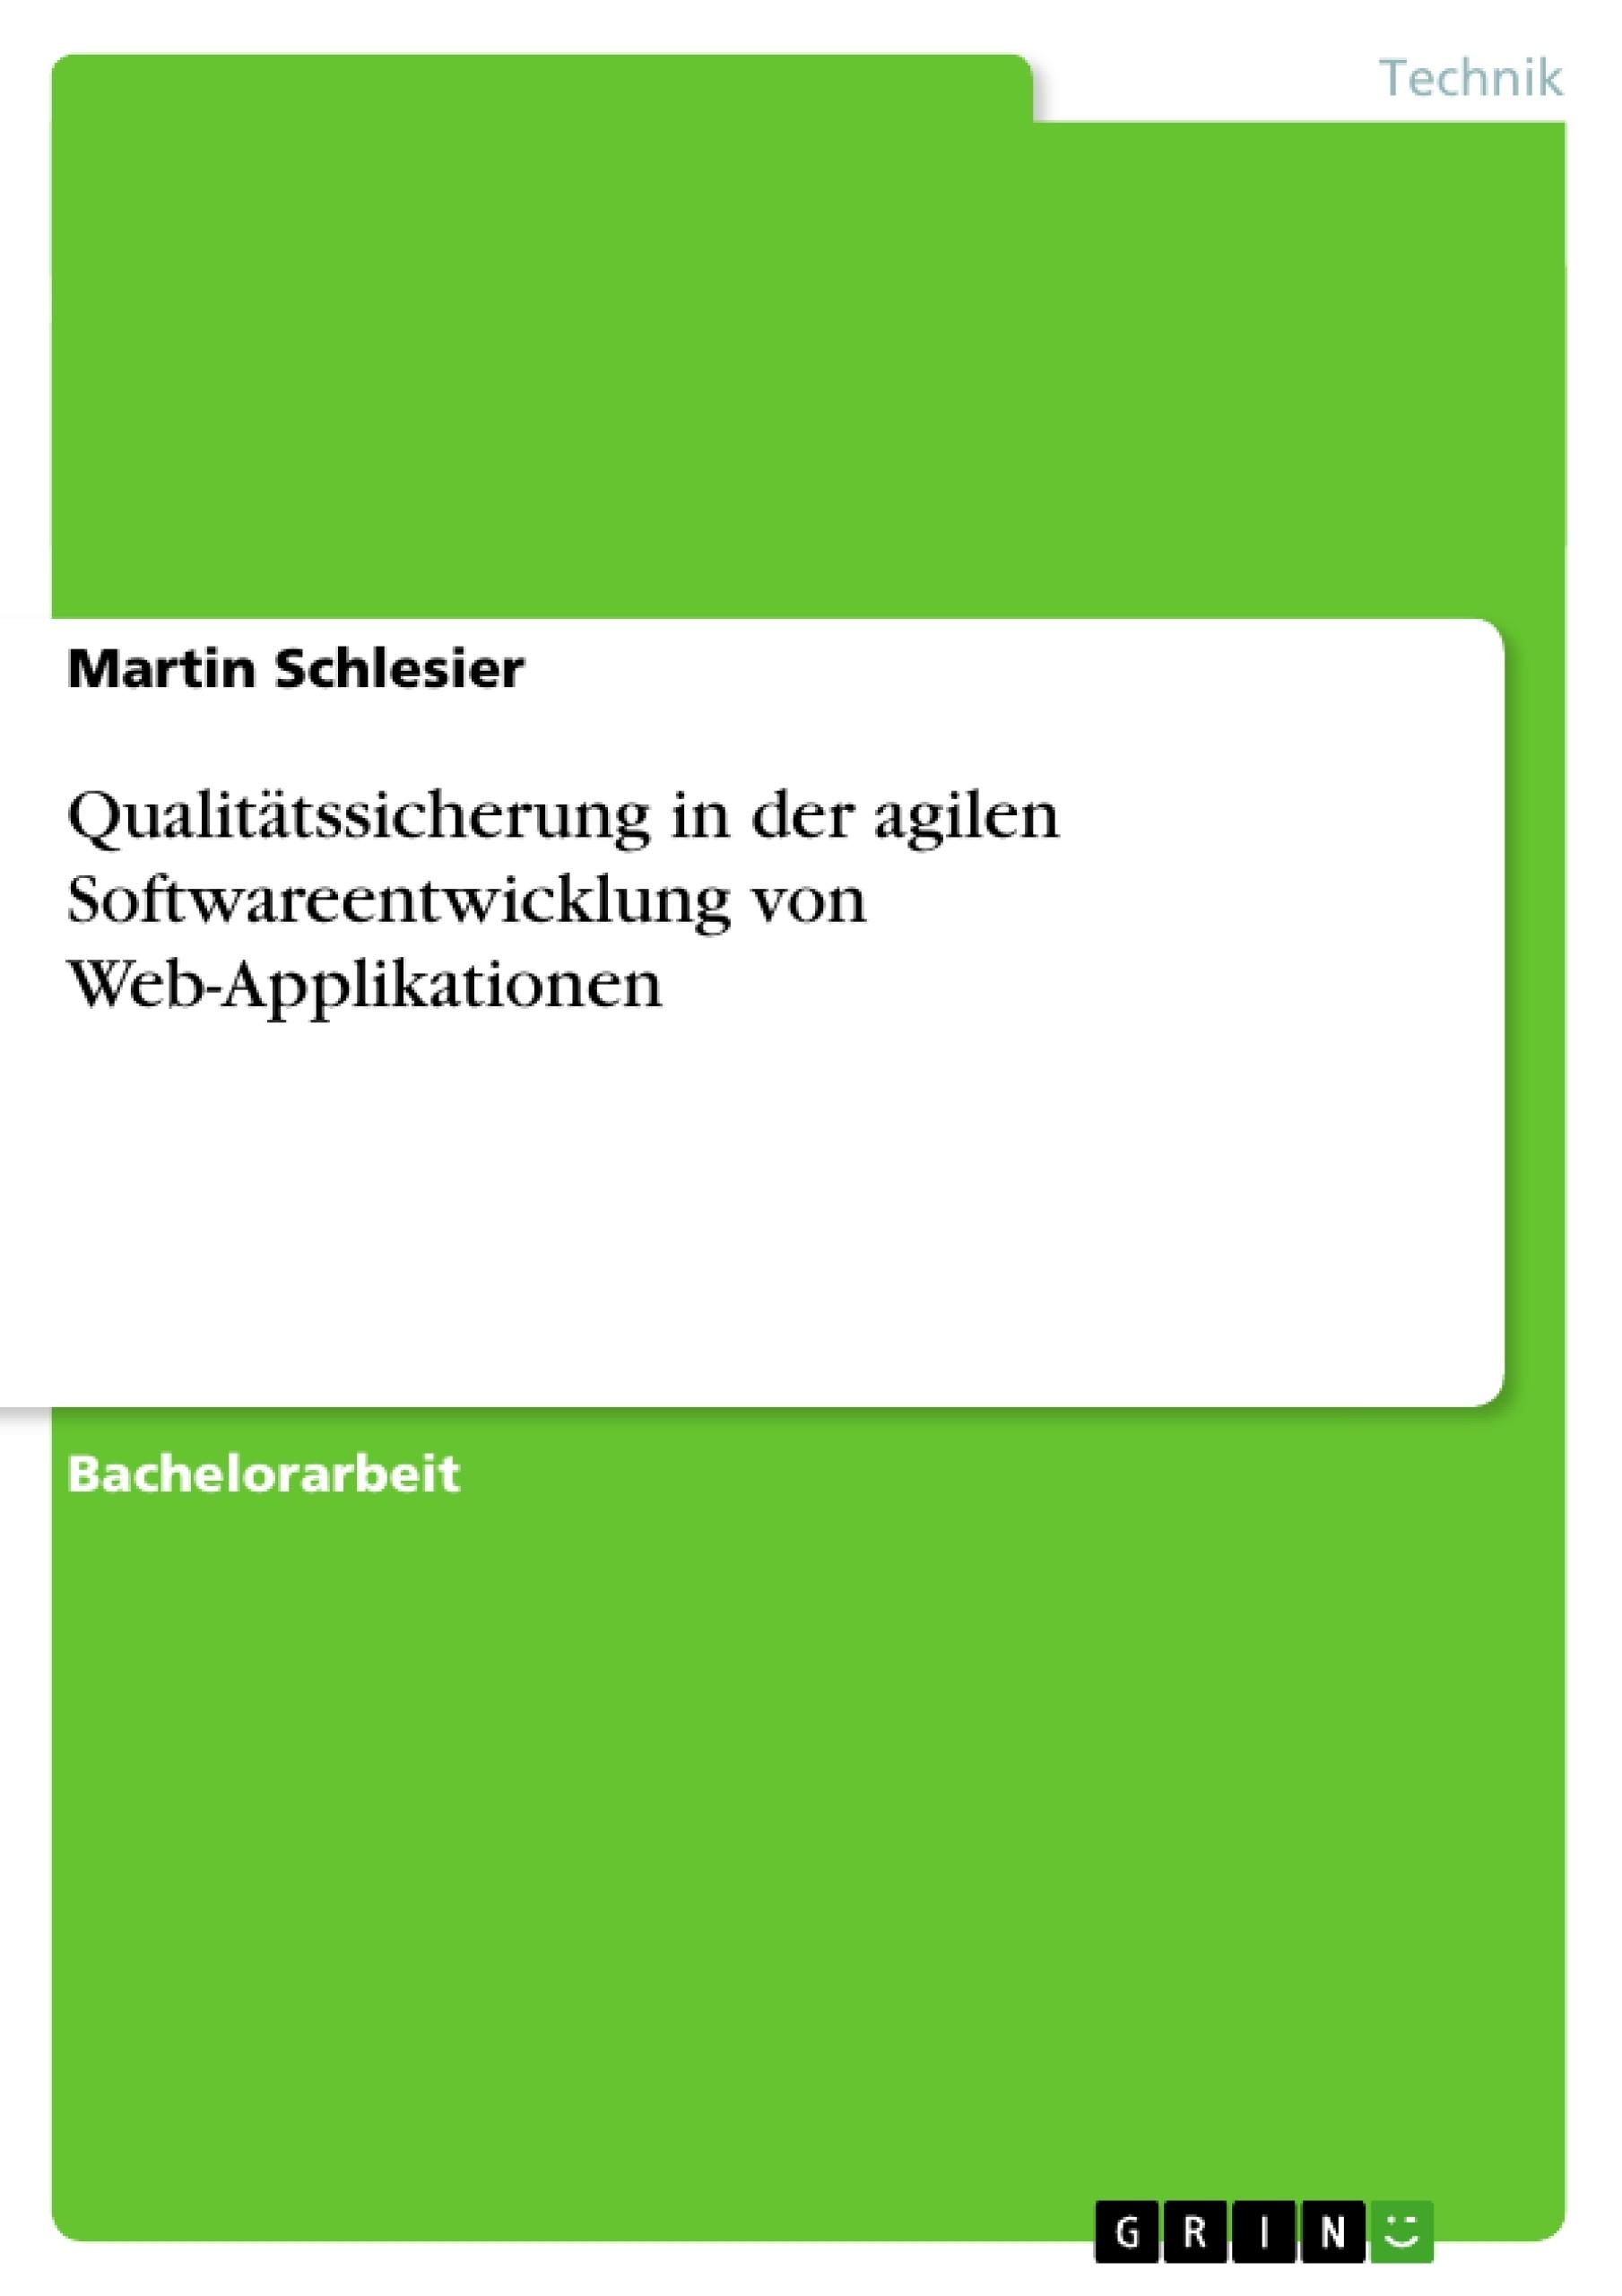 Titel: Qualitätssicherung in der agilen Softwareentwicklung von Web-Applikationen